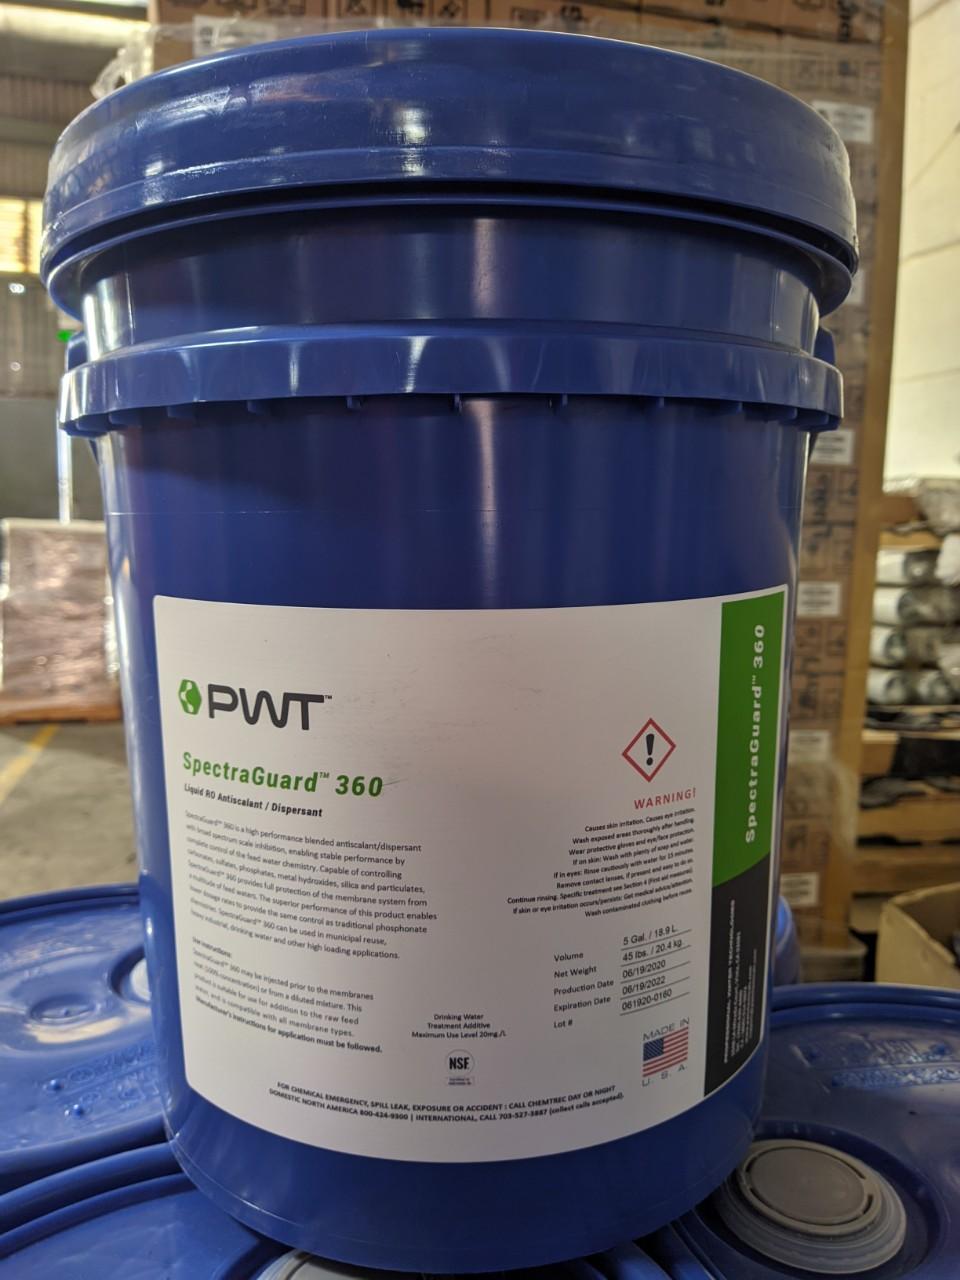 Dung dịch SpectraGuard 360 PWT chống cáu cặn màng RO/NF